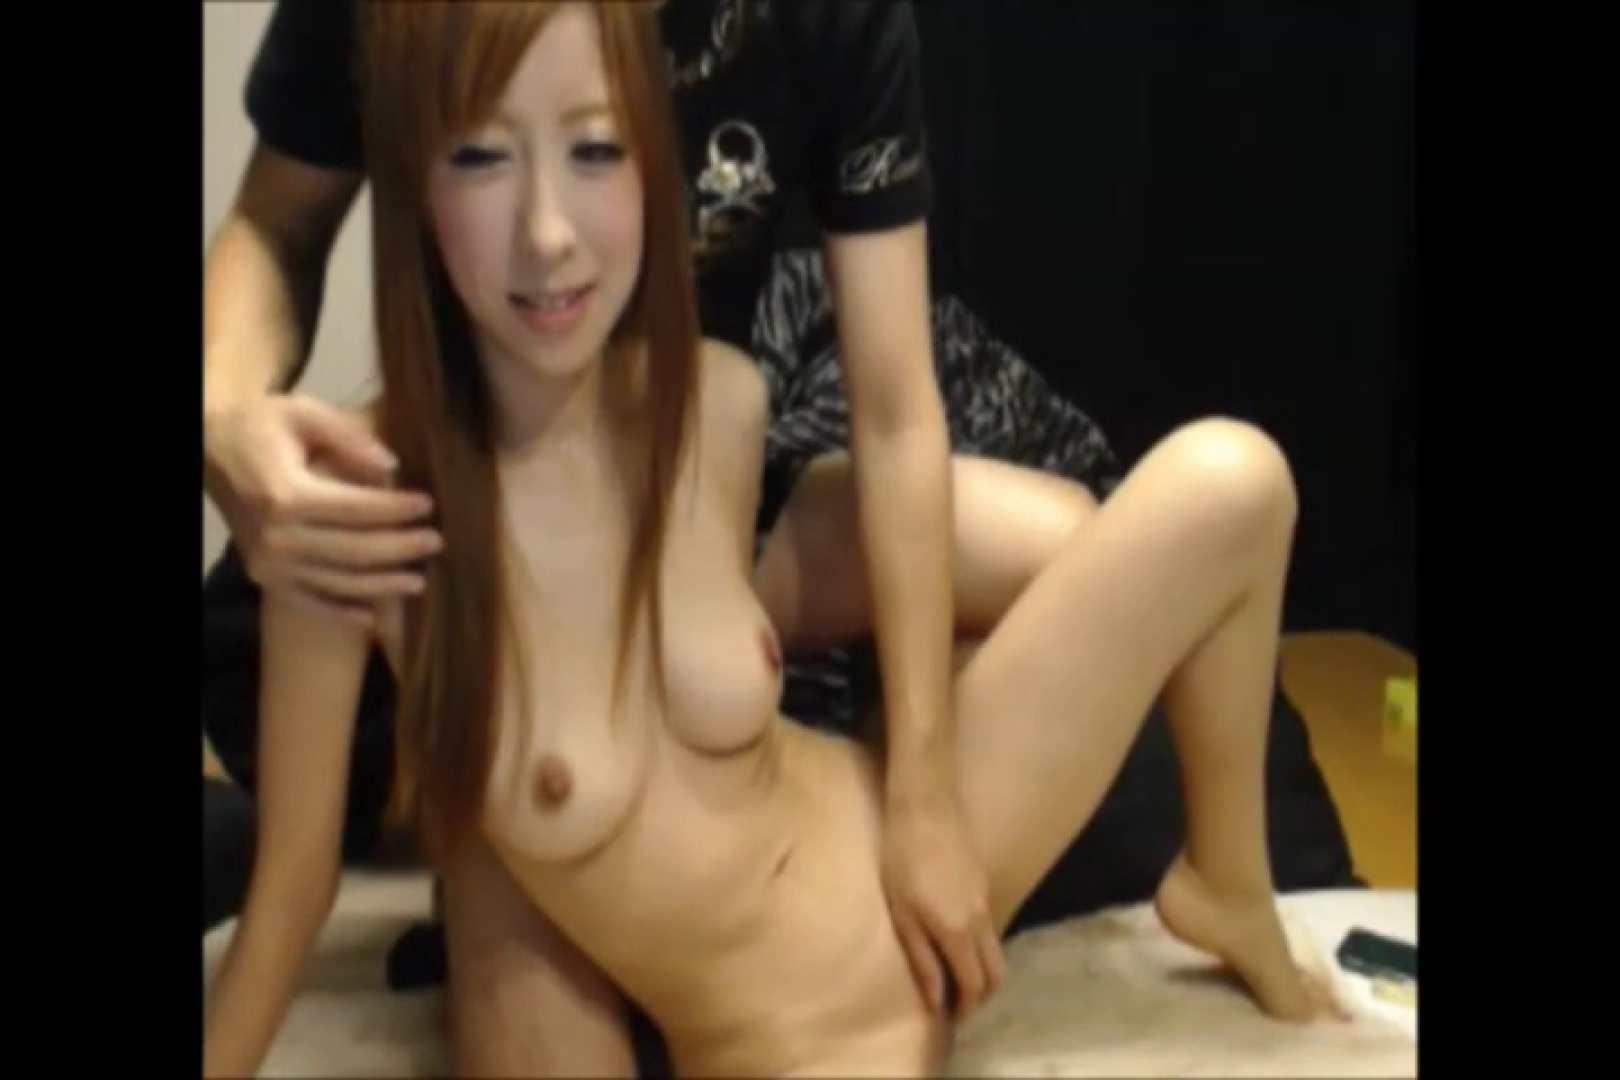 ガチンコ!!激カワギャル限定個人ハメ撮りセフレ編Vol.14 巨乳女子   乳首  50pic 25